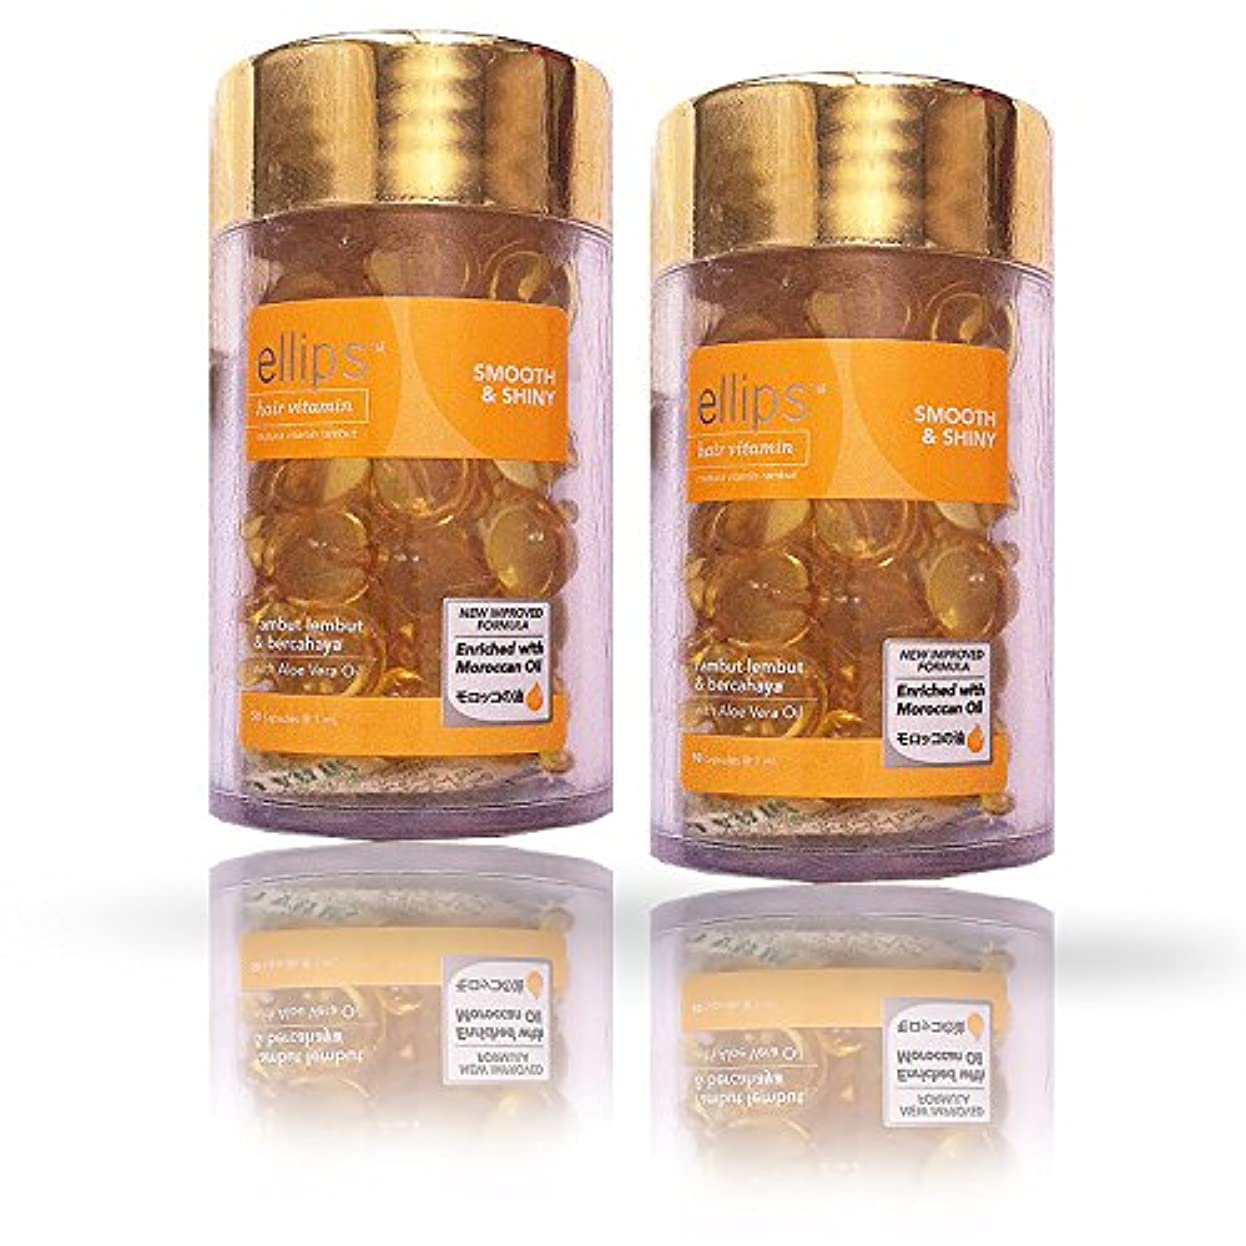 ショップカラス北東エリップス(ellips)スムース&シャイニー(フレッシュ トロピカル フルーツの香り) ボトル50粒×2個